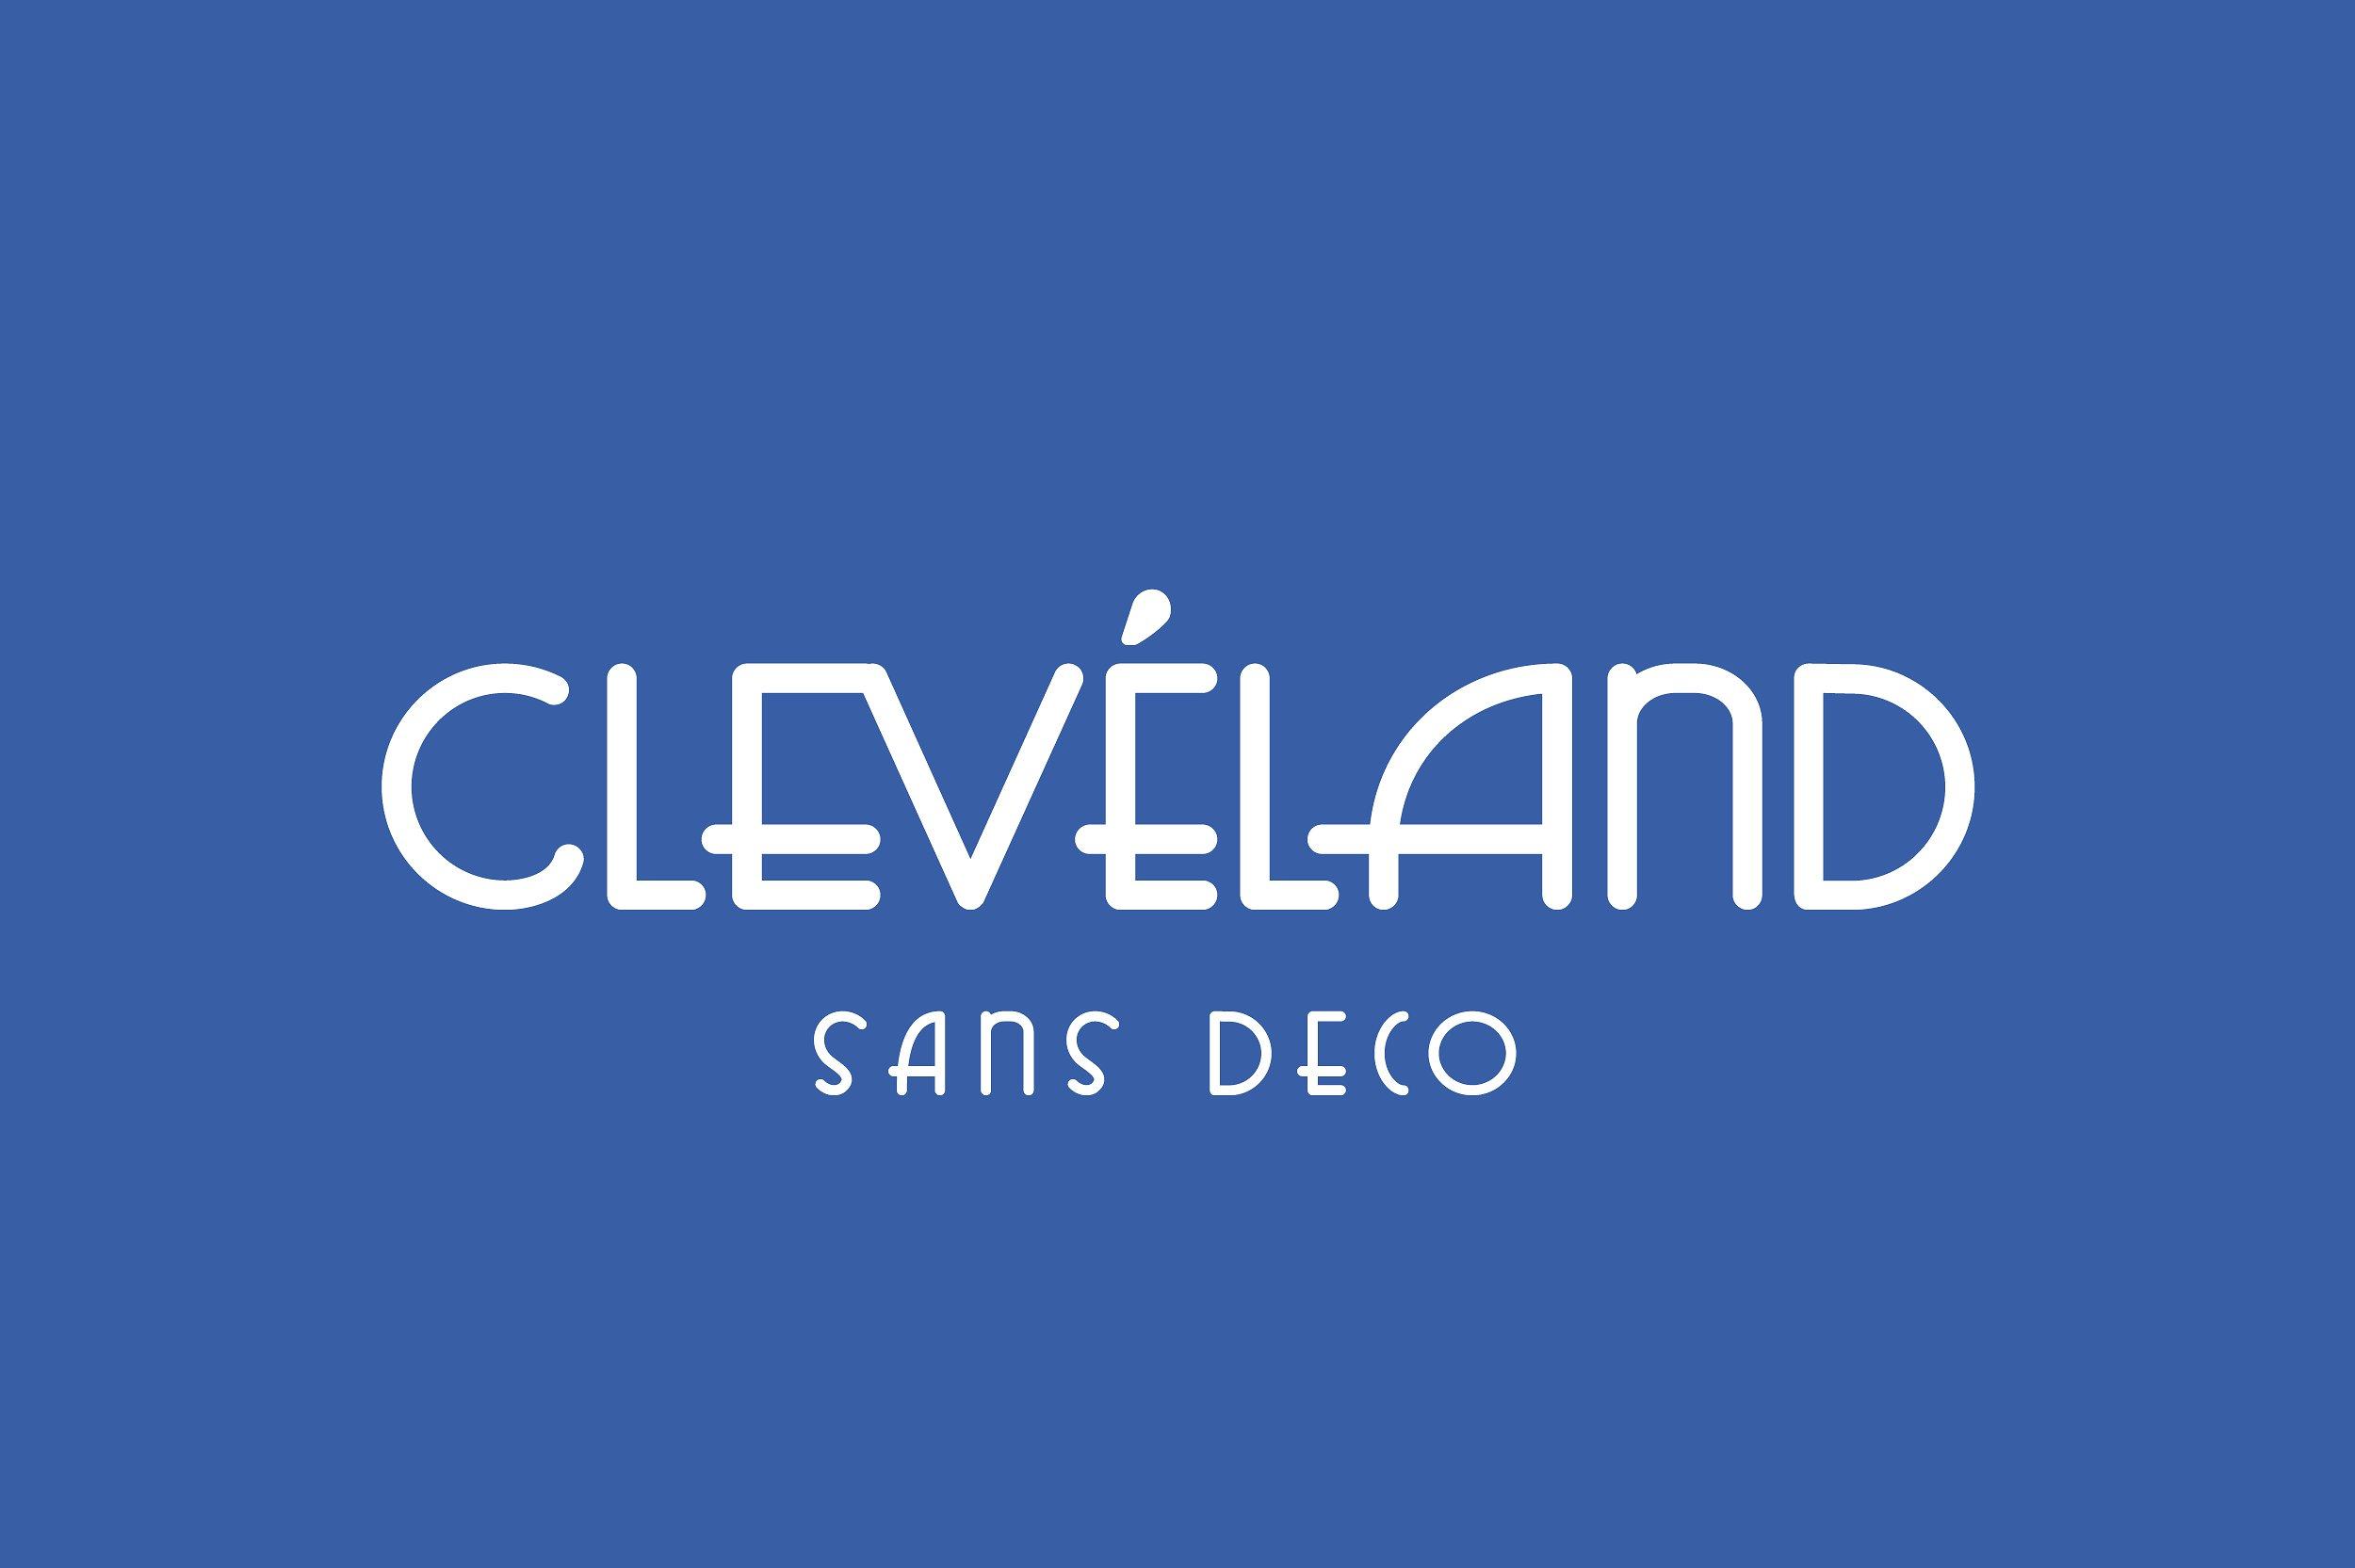 cleveland-sans-deco-font